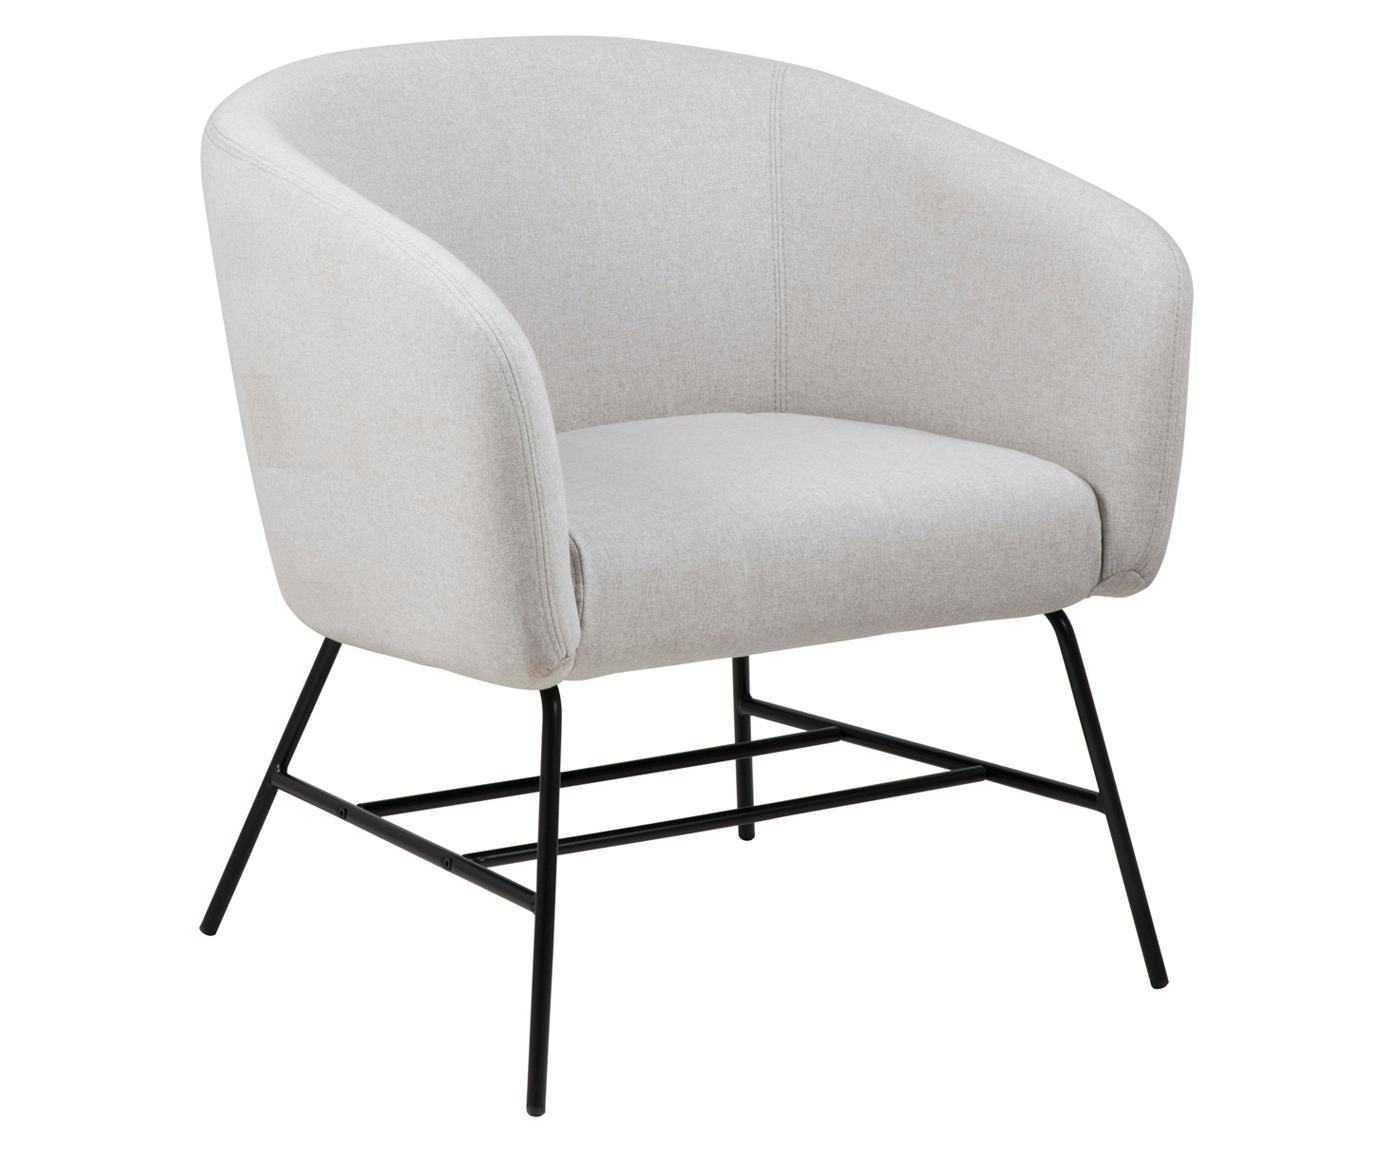 Fotel koktajlowy Ramsey, Tapicerka: poliester Tkanina o wysok, Nogi: metal malowany proszkowo, Jasny szary, S 72 x G 67 cm